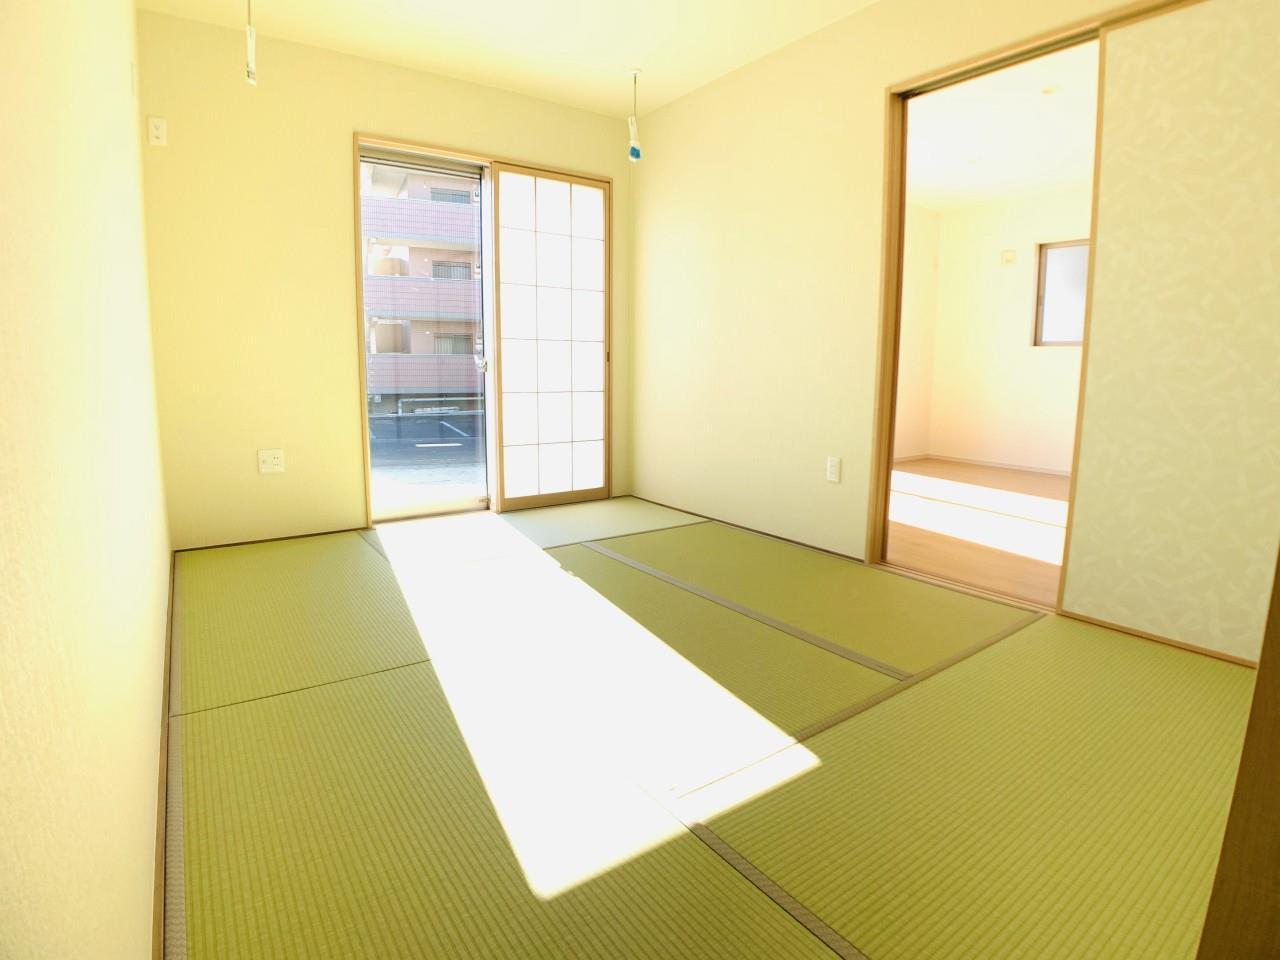 3号棟|「続き間の和室」は子育て世代にこそ適しています。お子様のお昼寝スペースや、洗濯物をたたむのに便利です。客間やリビングの延長としても使えます。